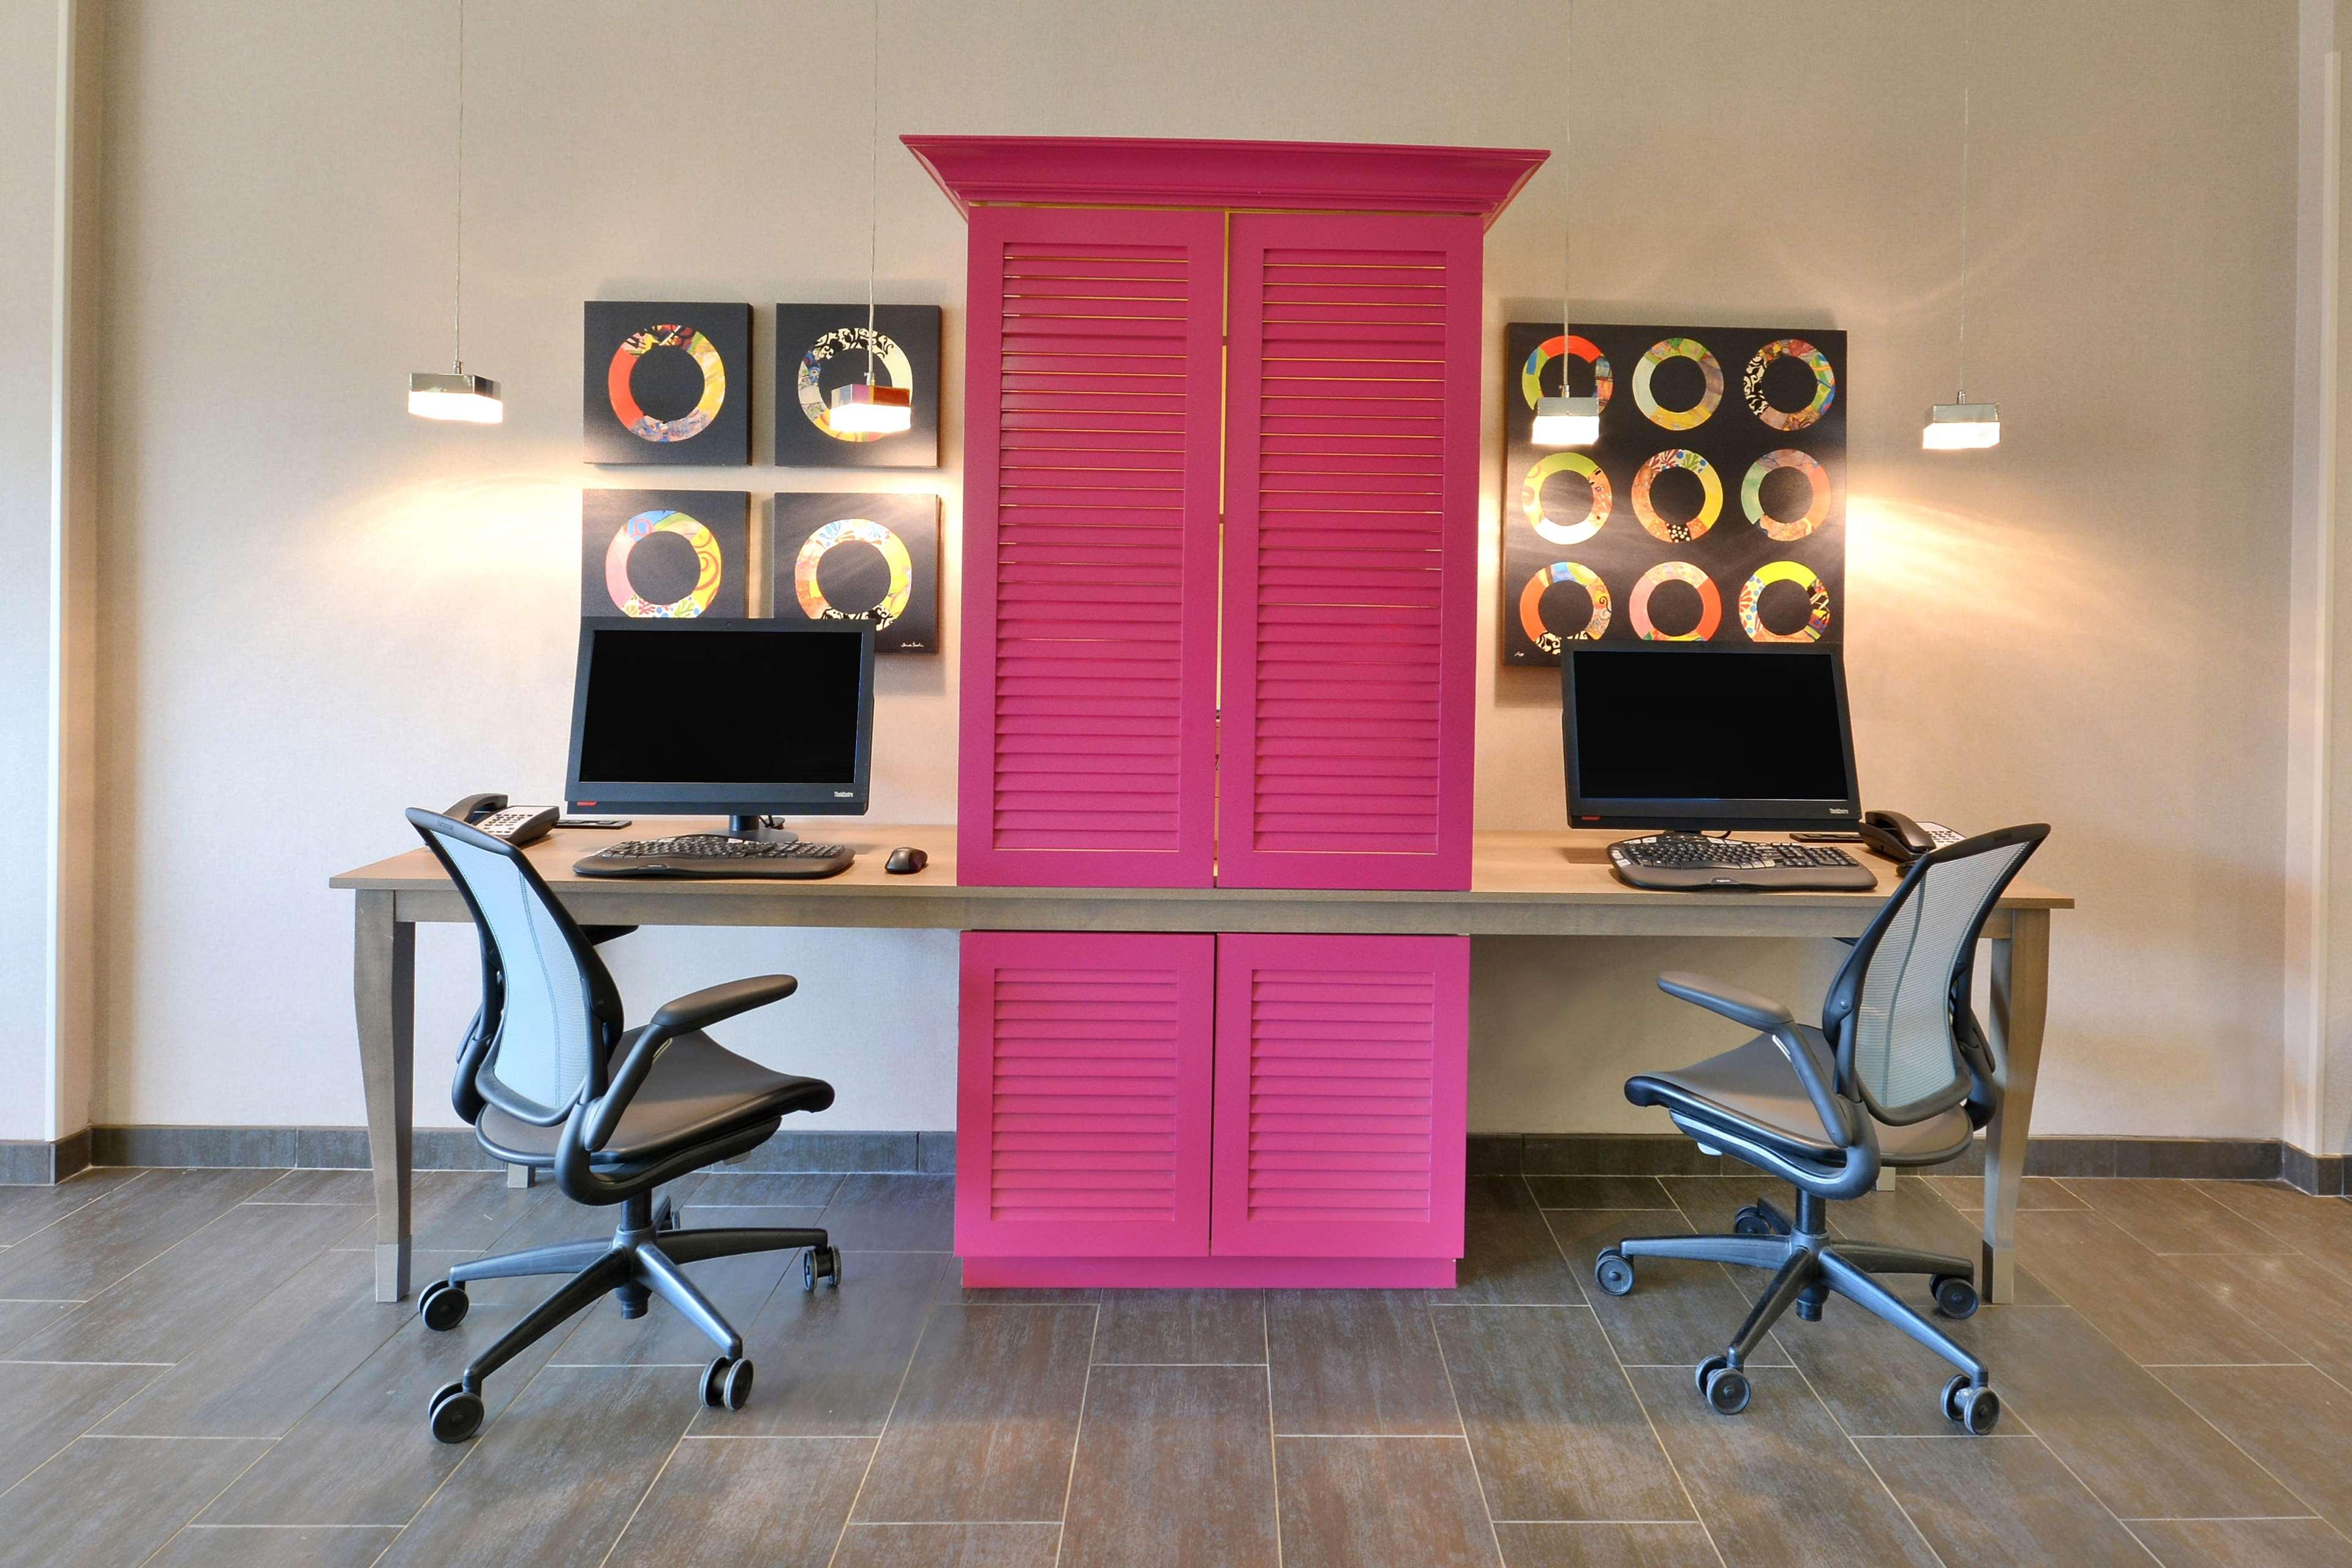 Home2 Suites by Hilton Duncan image 33